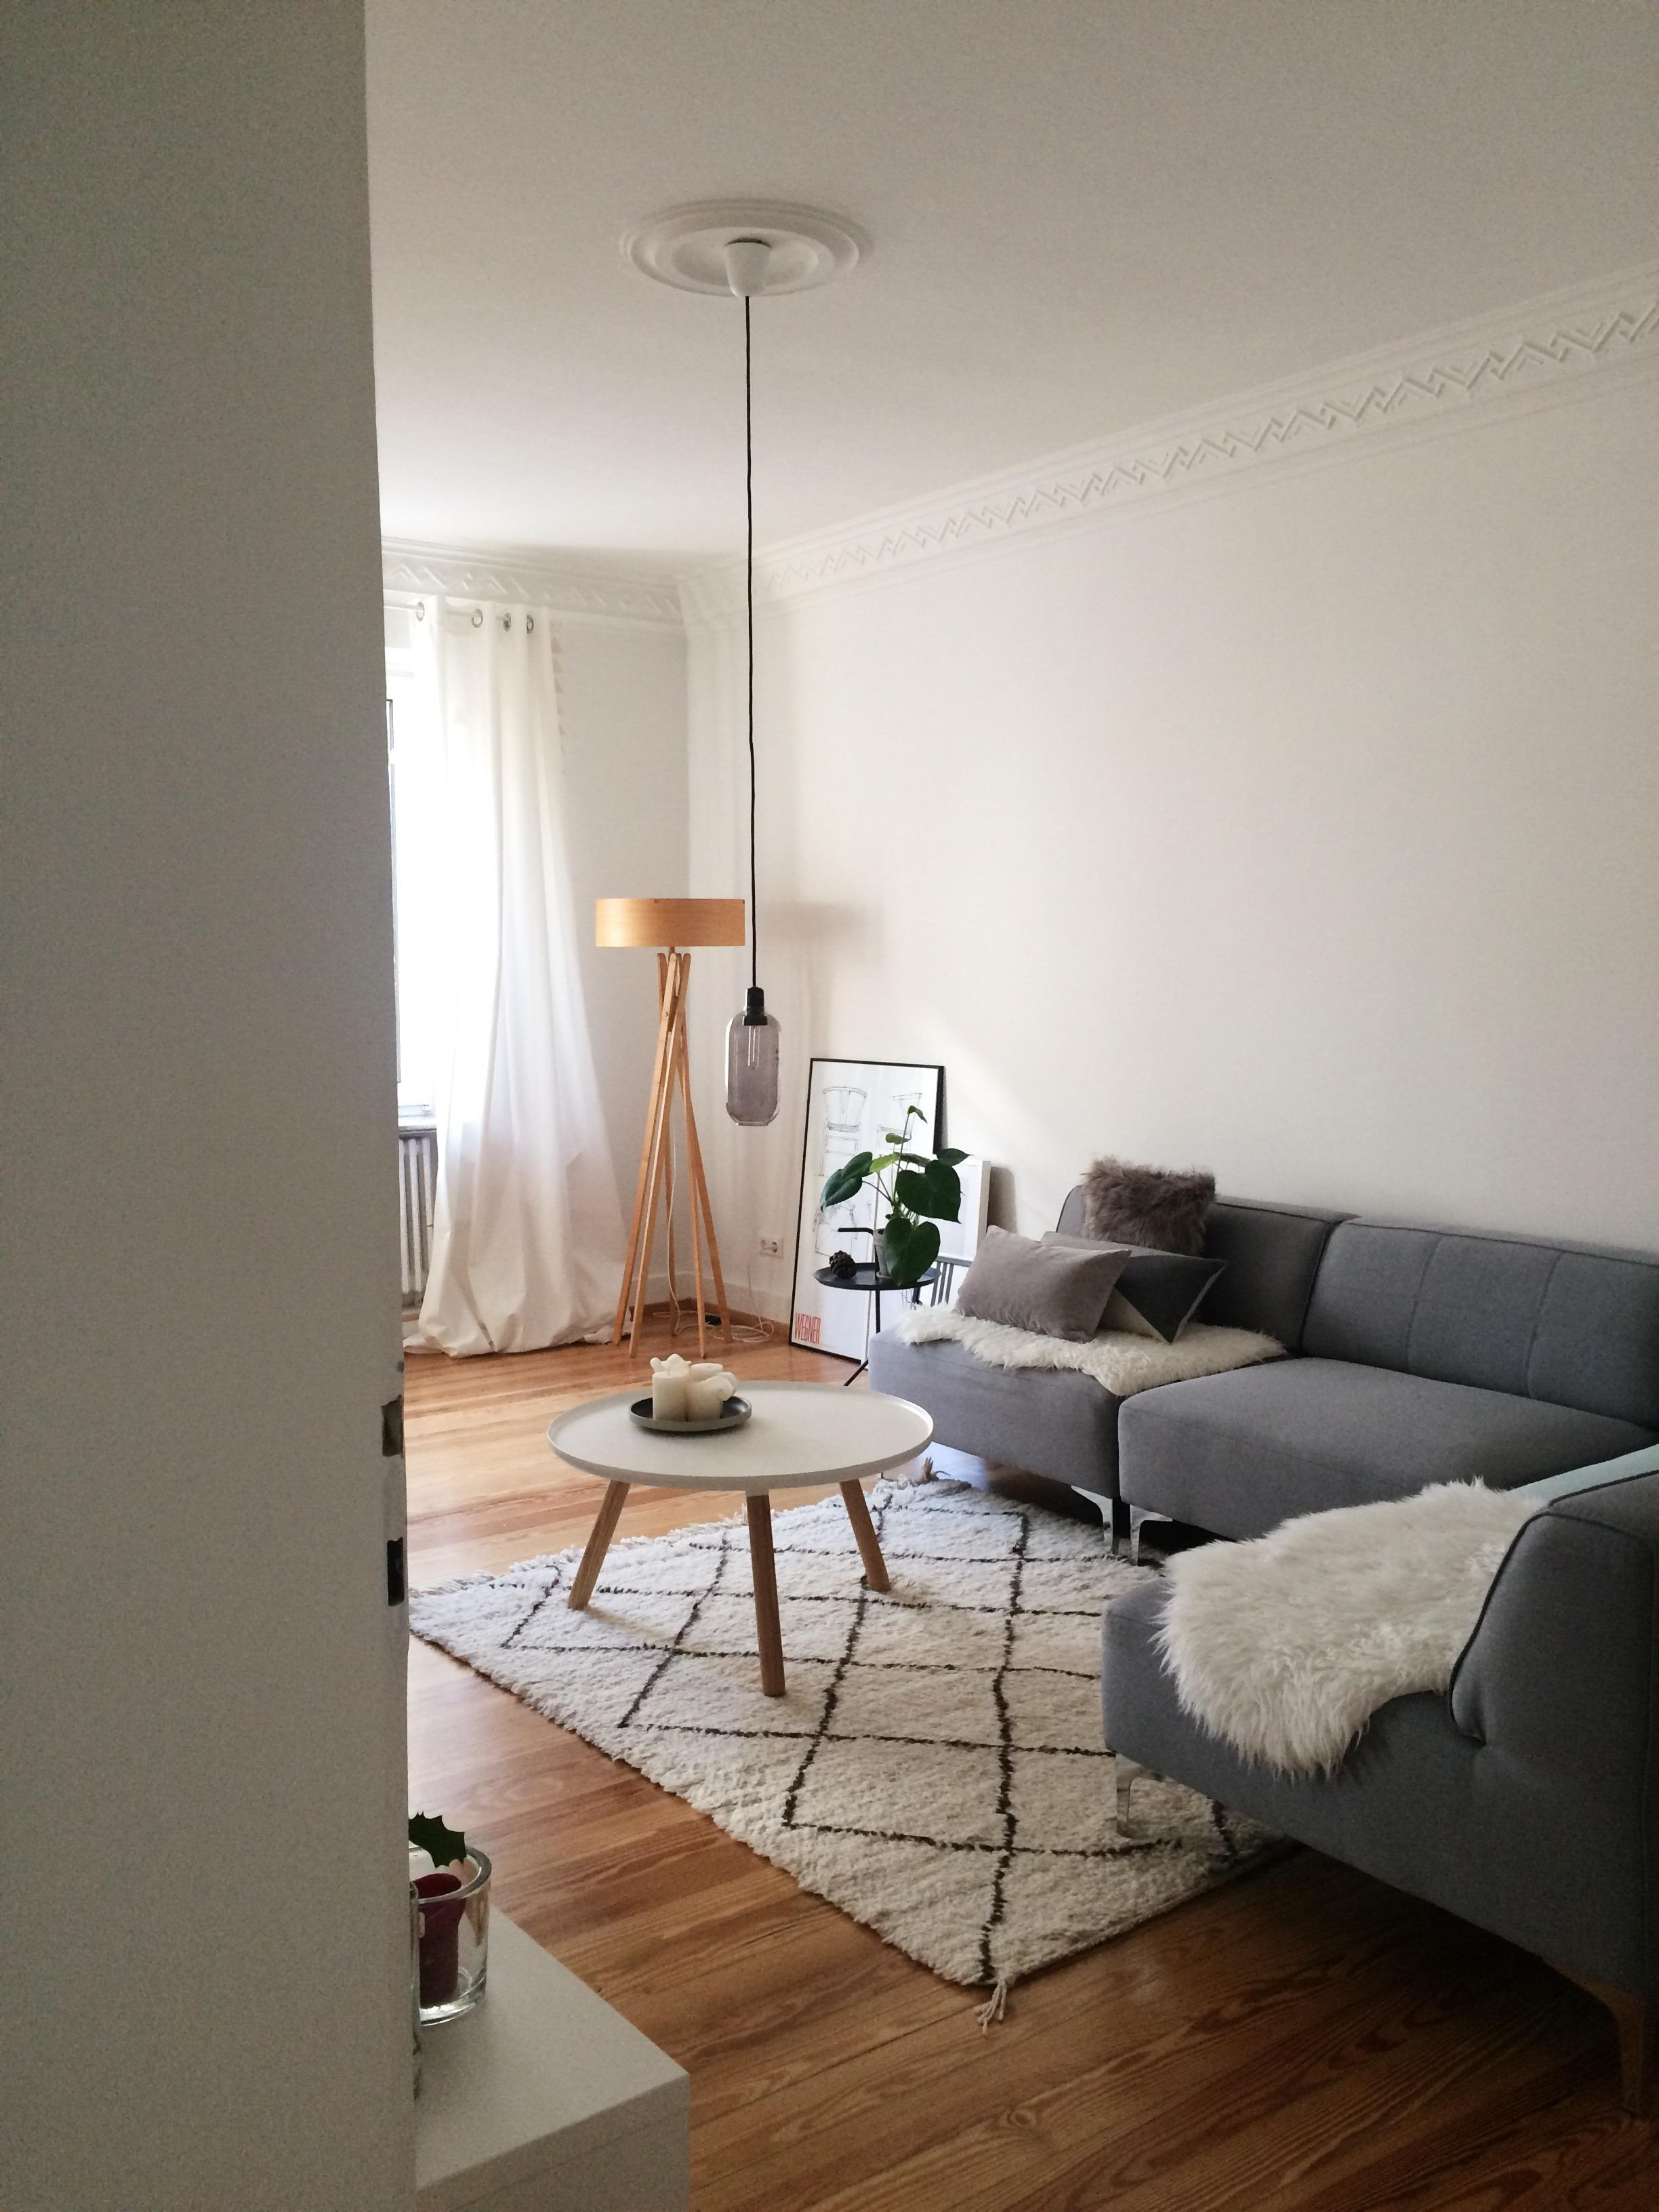 Wohnzimmer nordisch einrichten